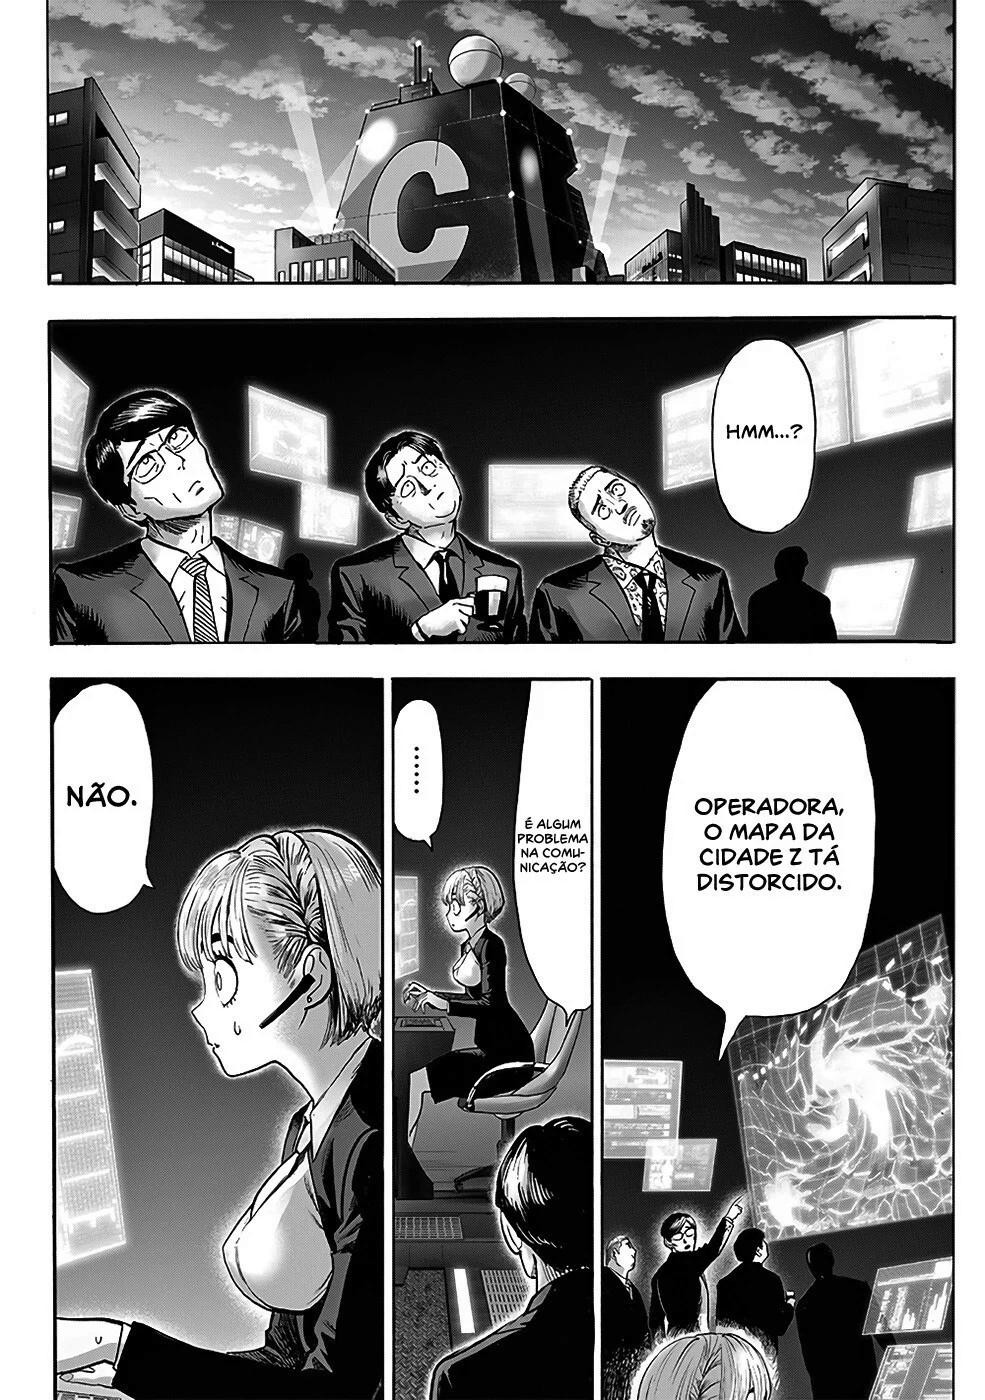 Quem no universo de Naruto seria capaz de derrotar Tatsumaki? - Página 3 16_web10